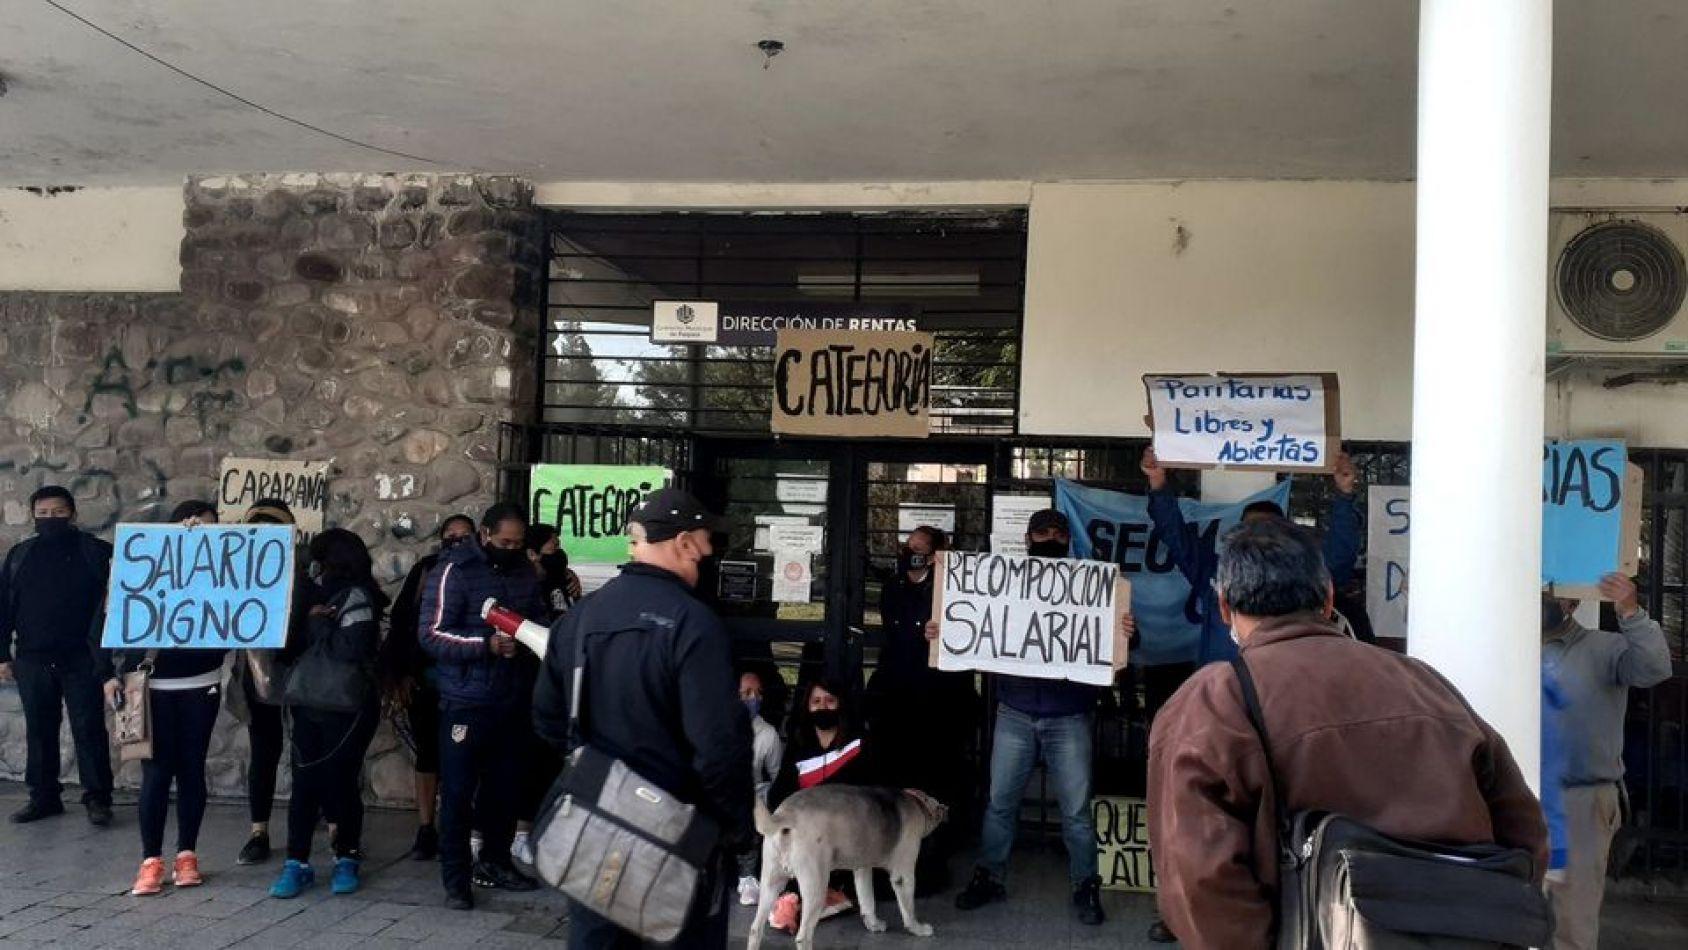 El SEOM repite otra jornada de protesta en Palpalá